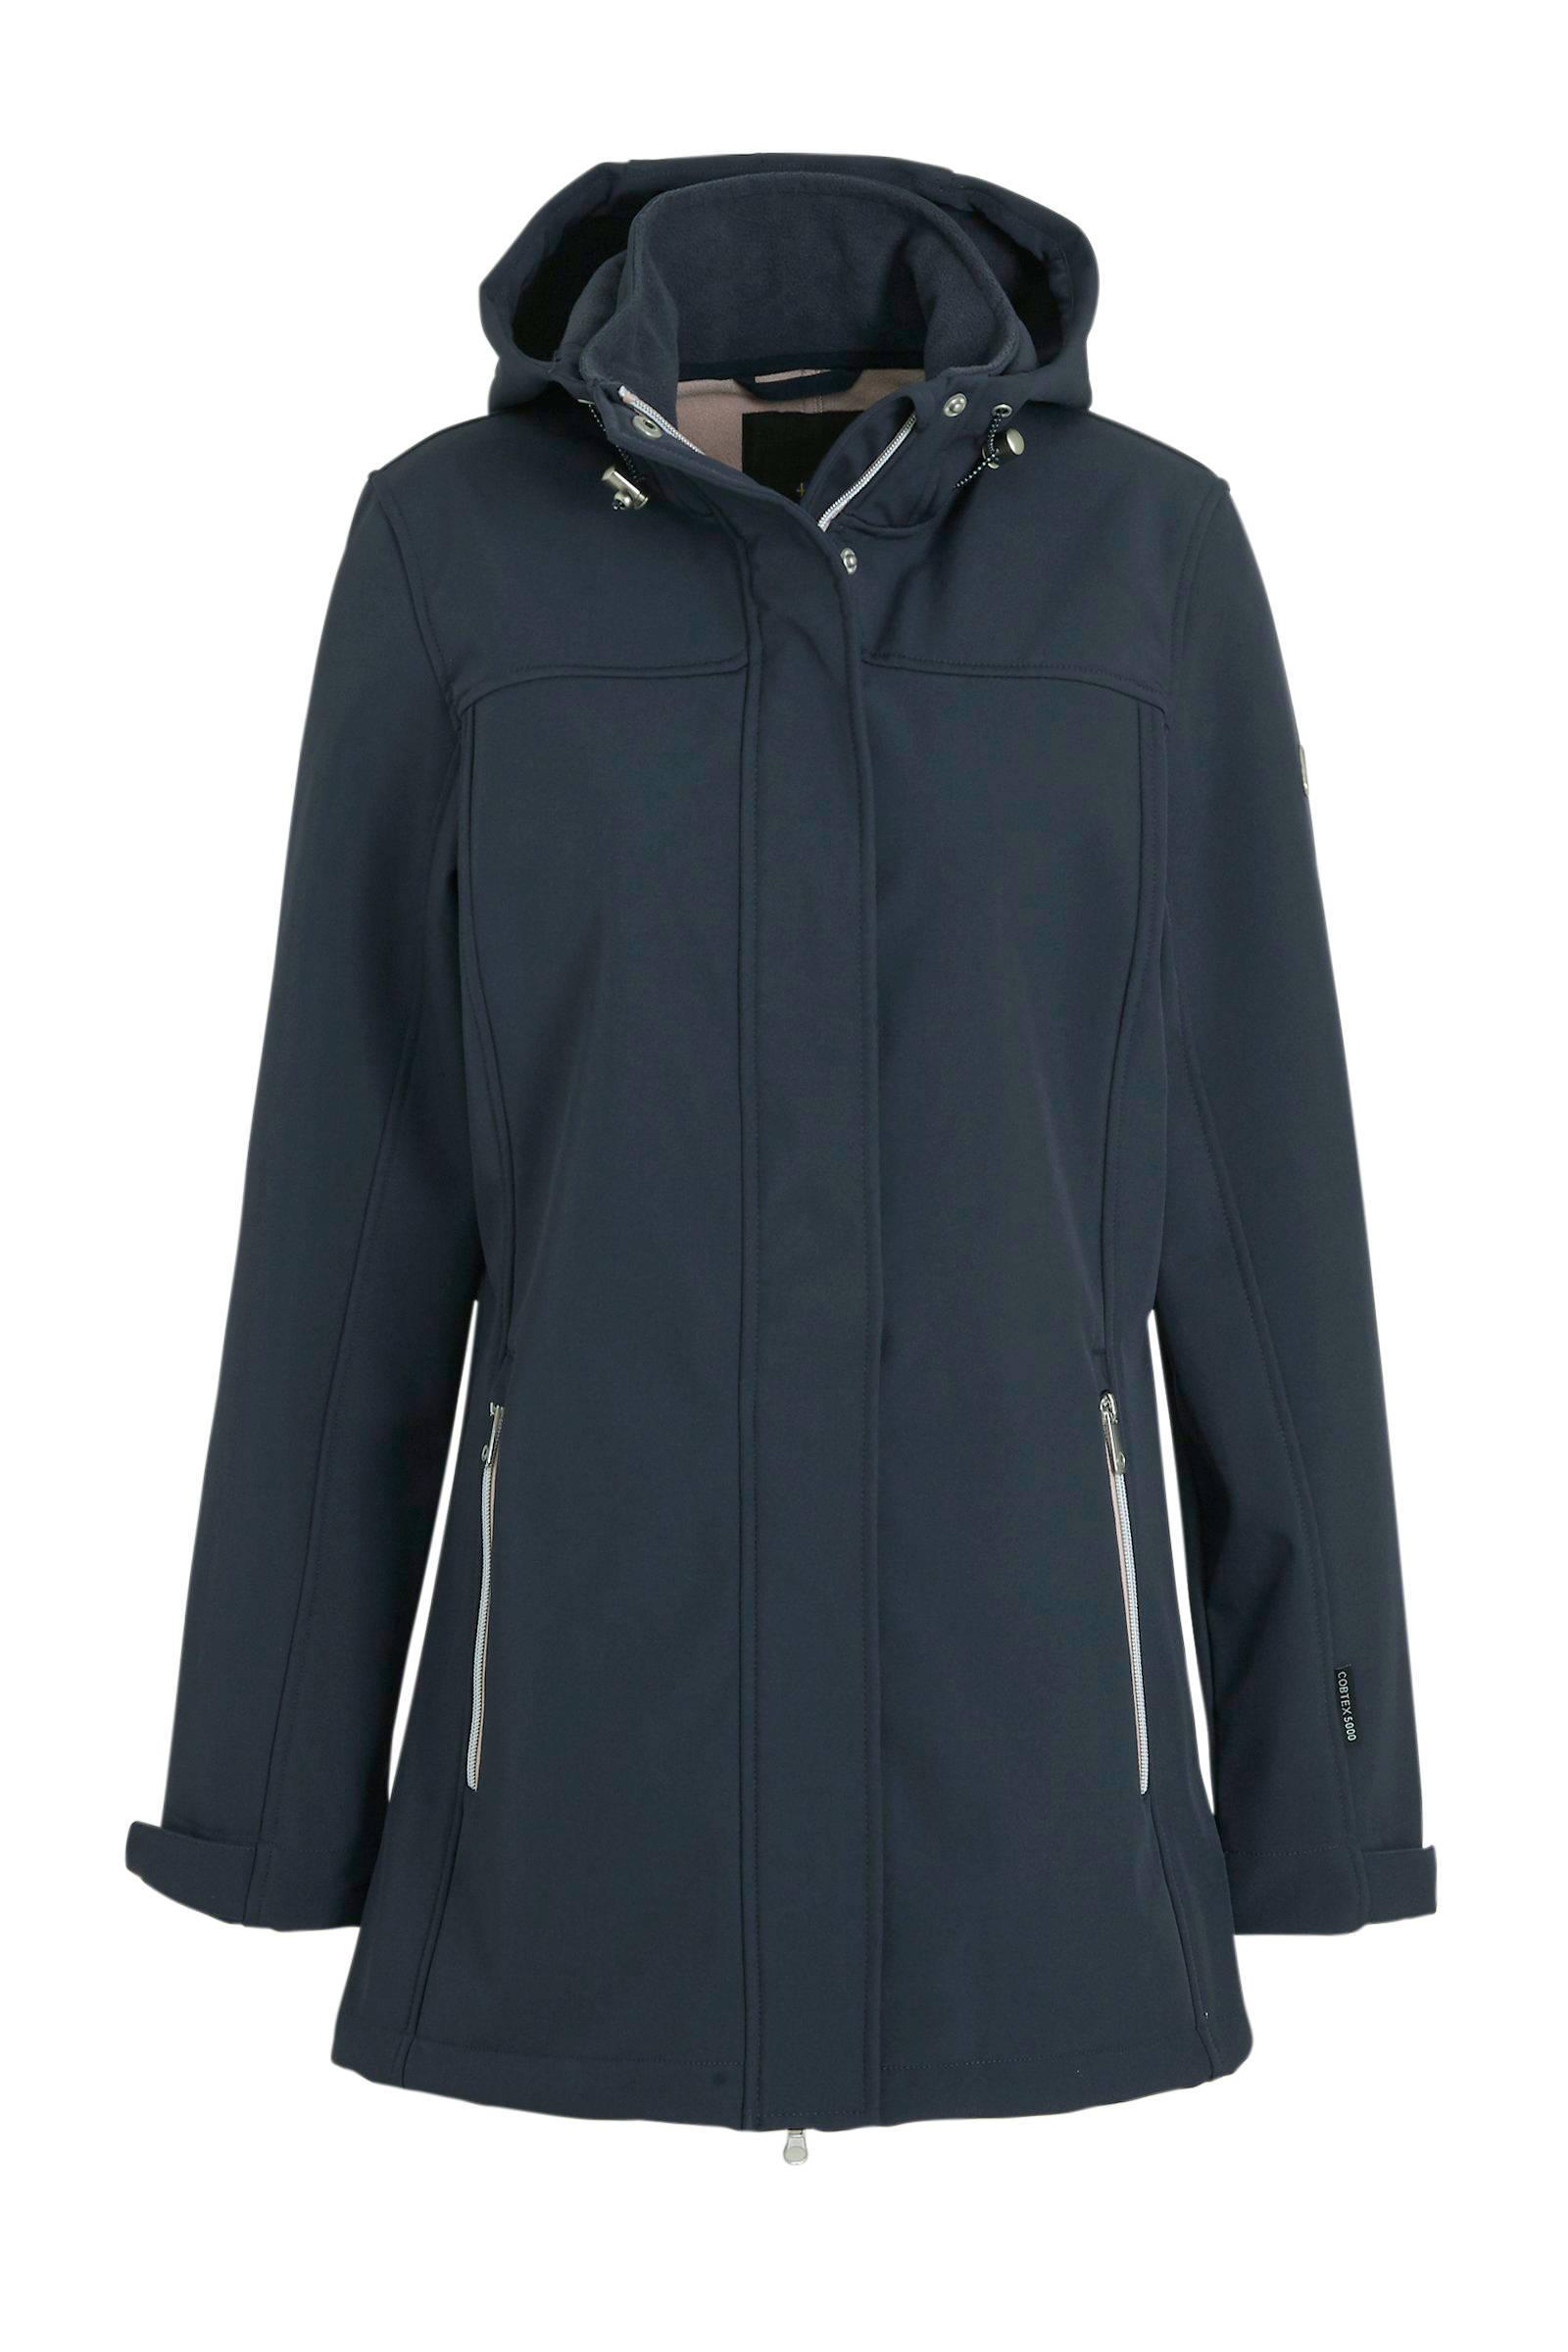 Cobolt outdoor jassen kopen Vind jouw Cobolt outdoor